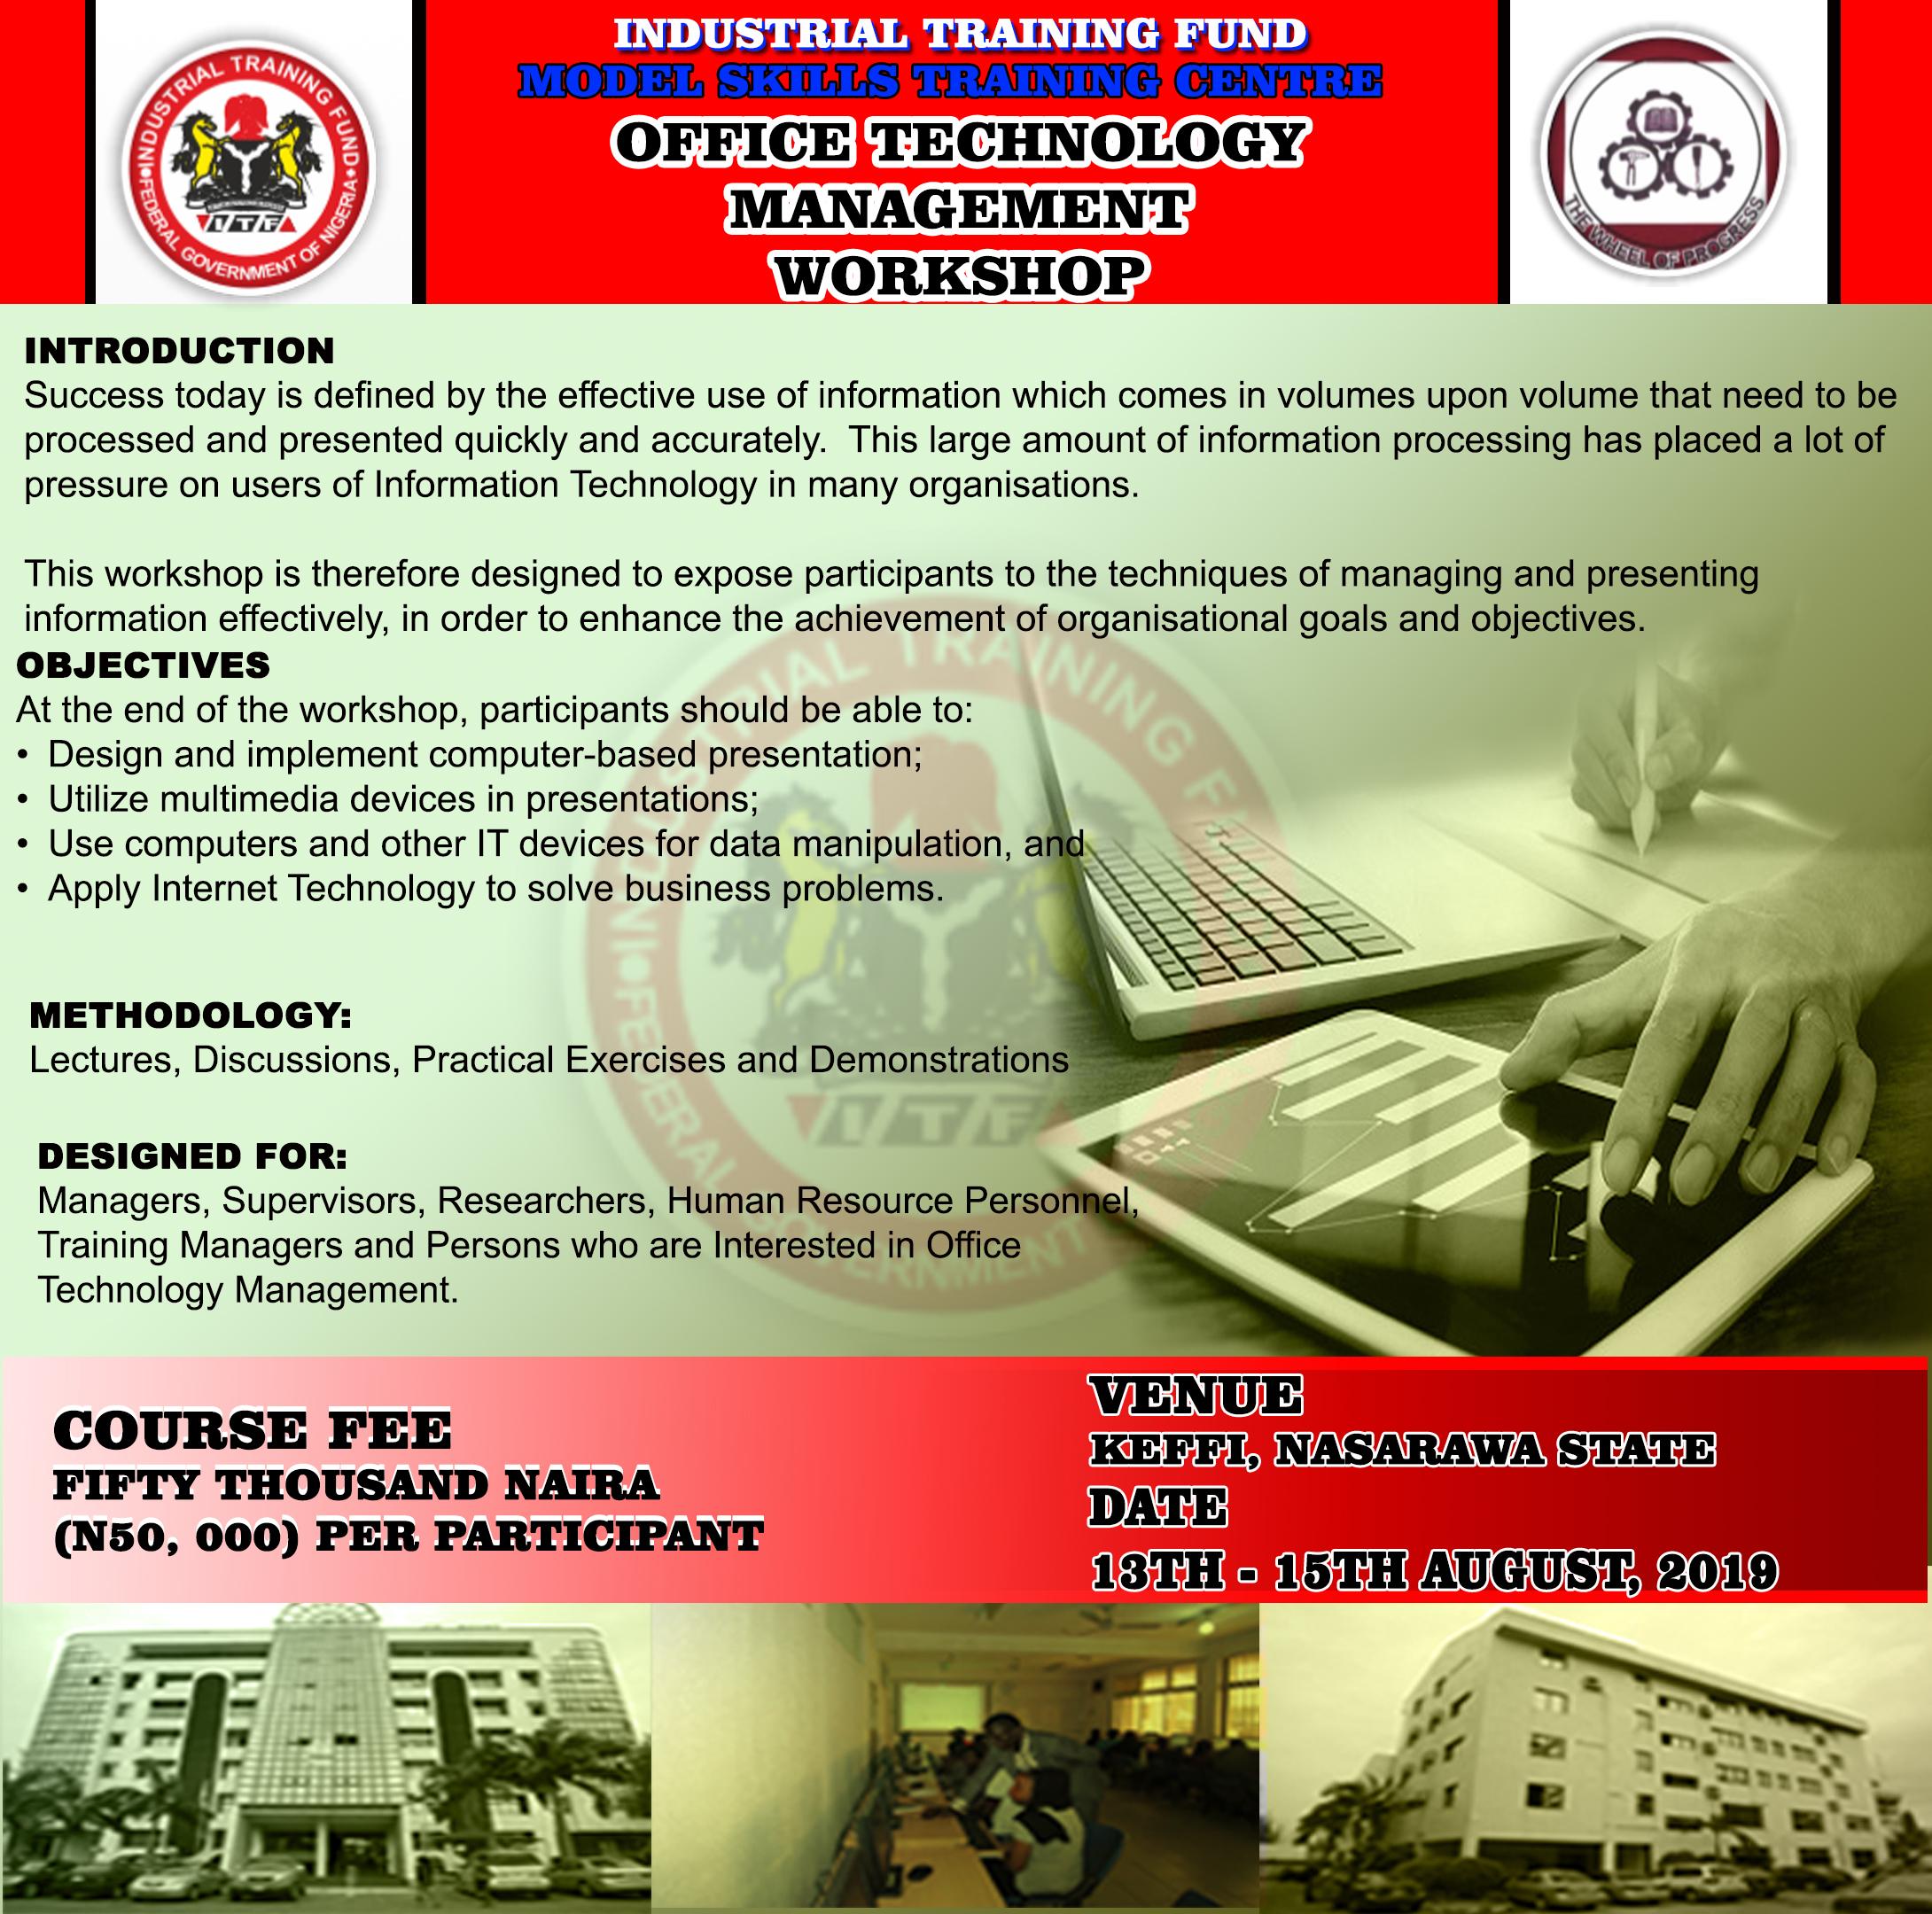 ITF :: Industrial Training Fund, Nigeria